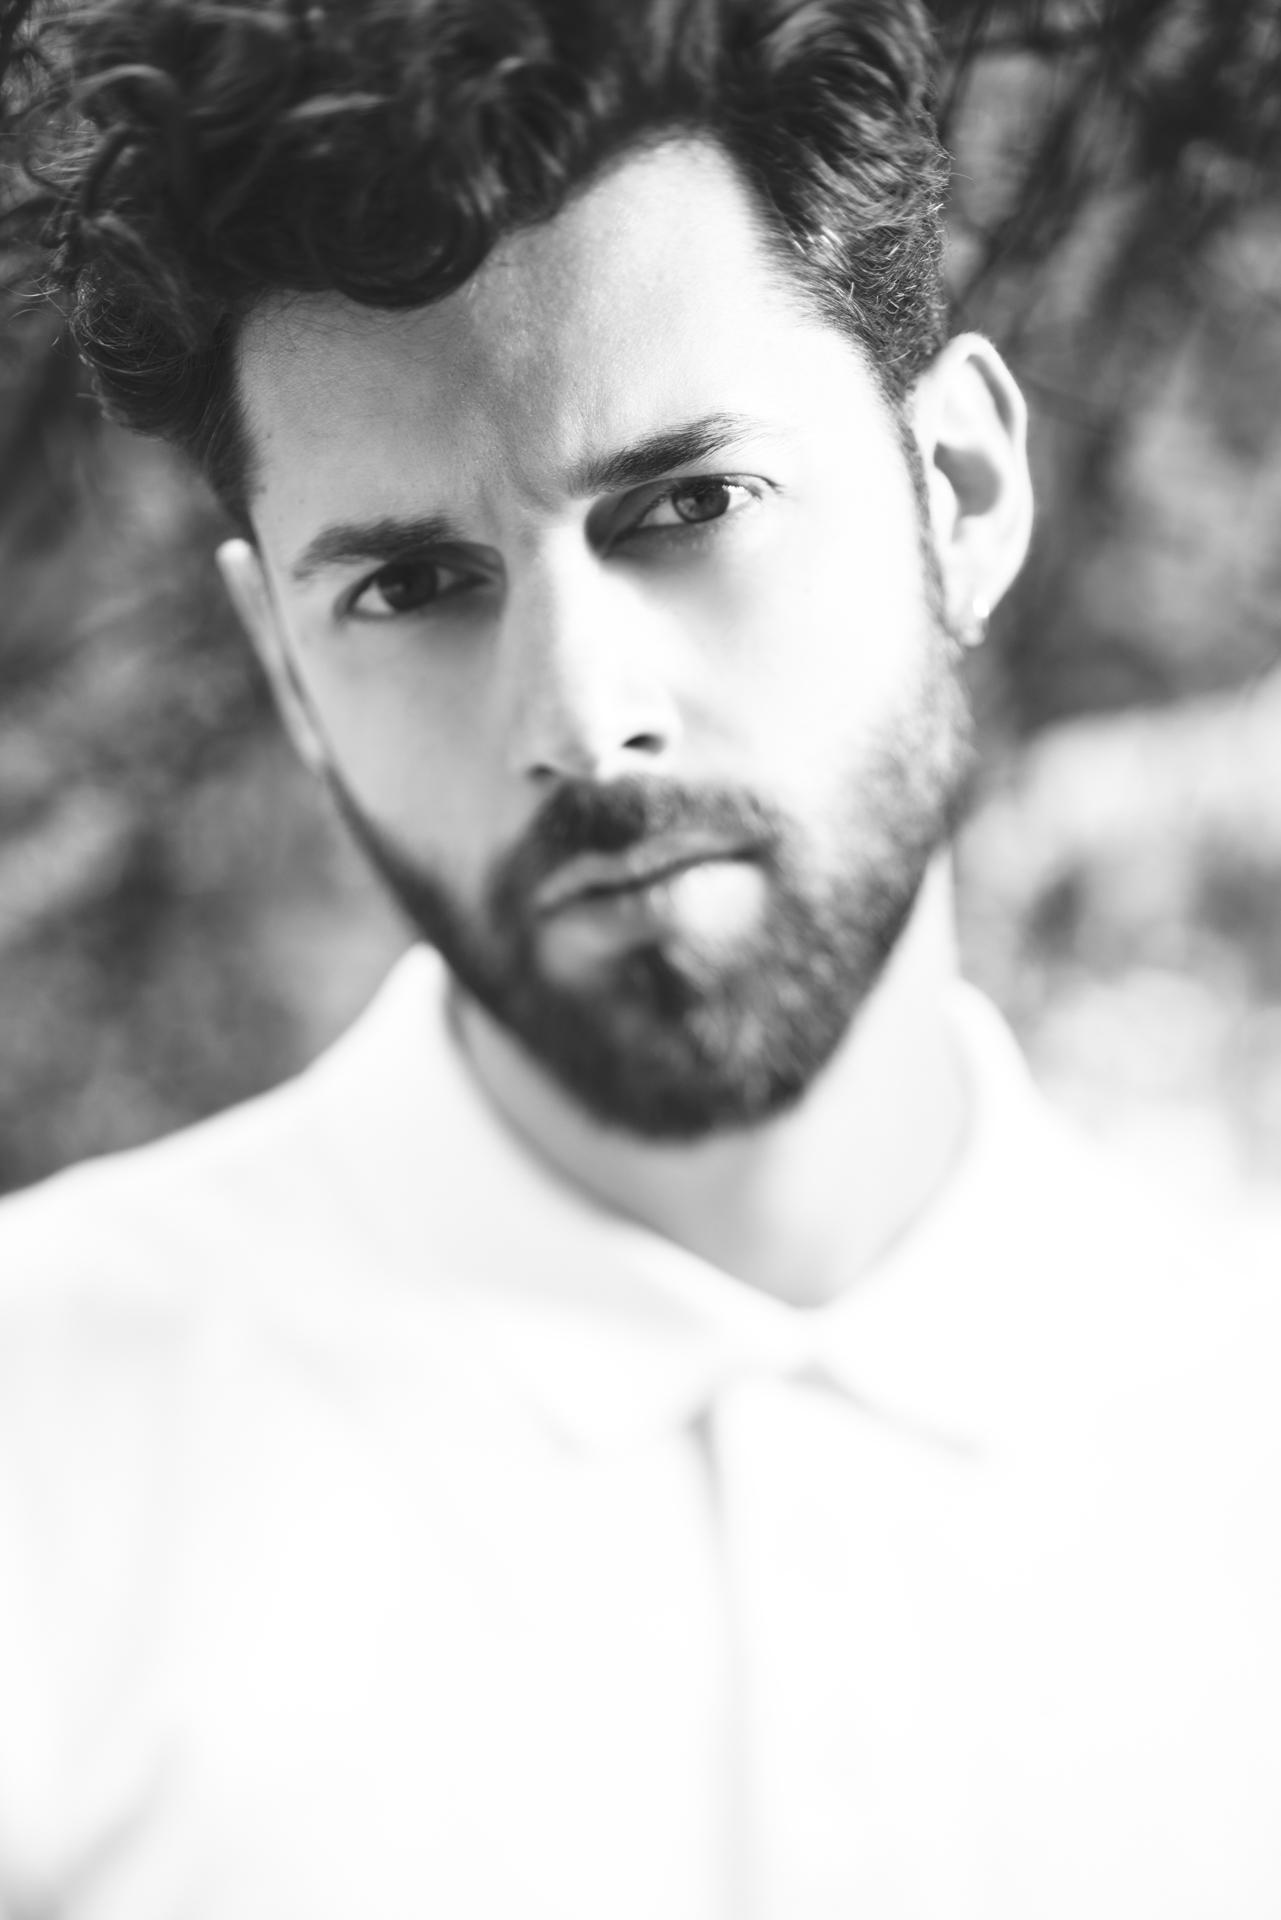 Matteo Marasciulo